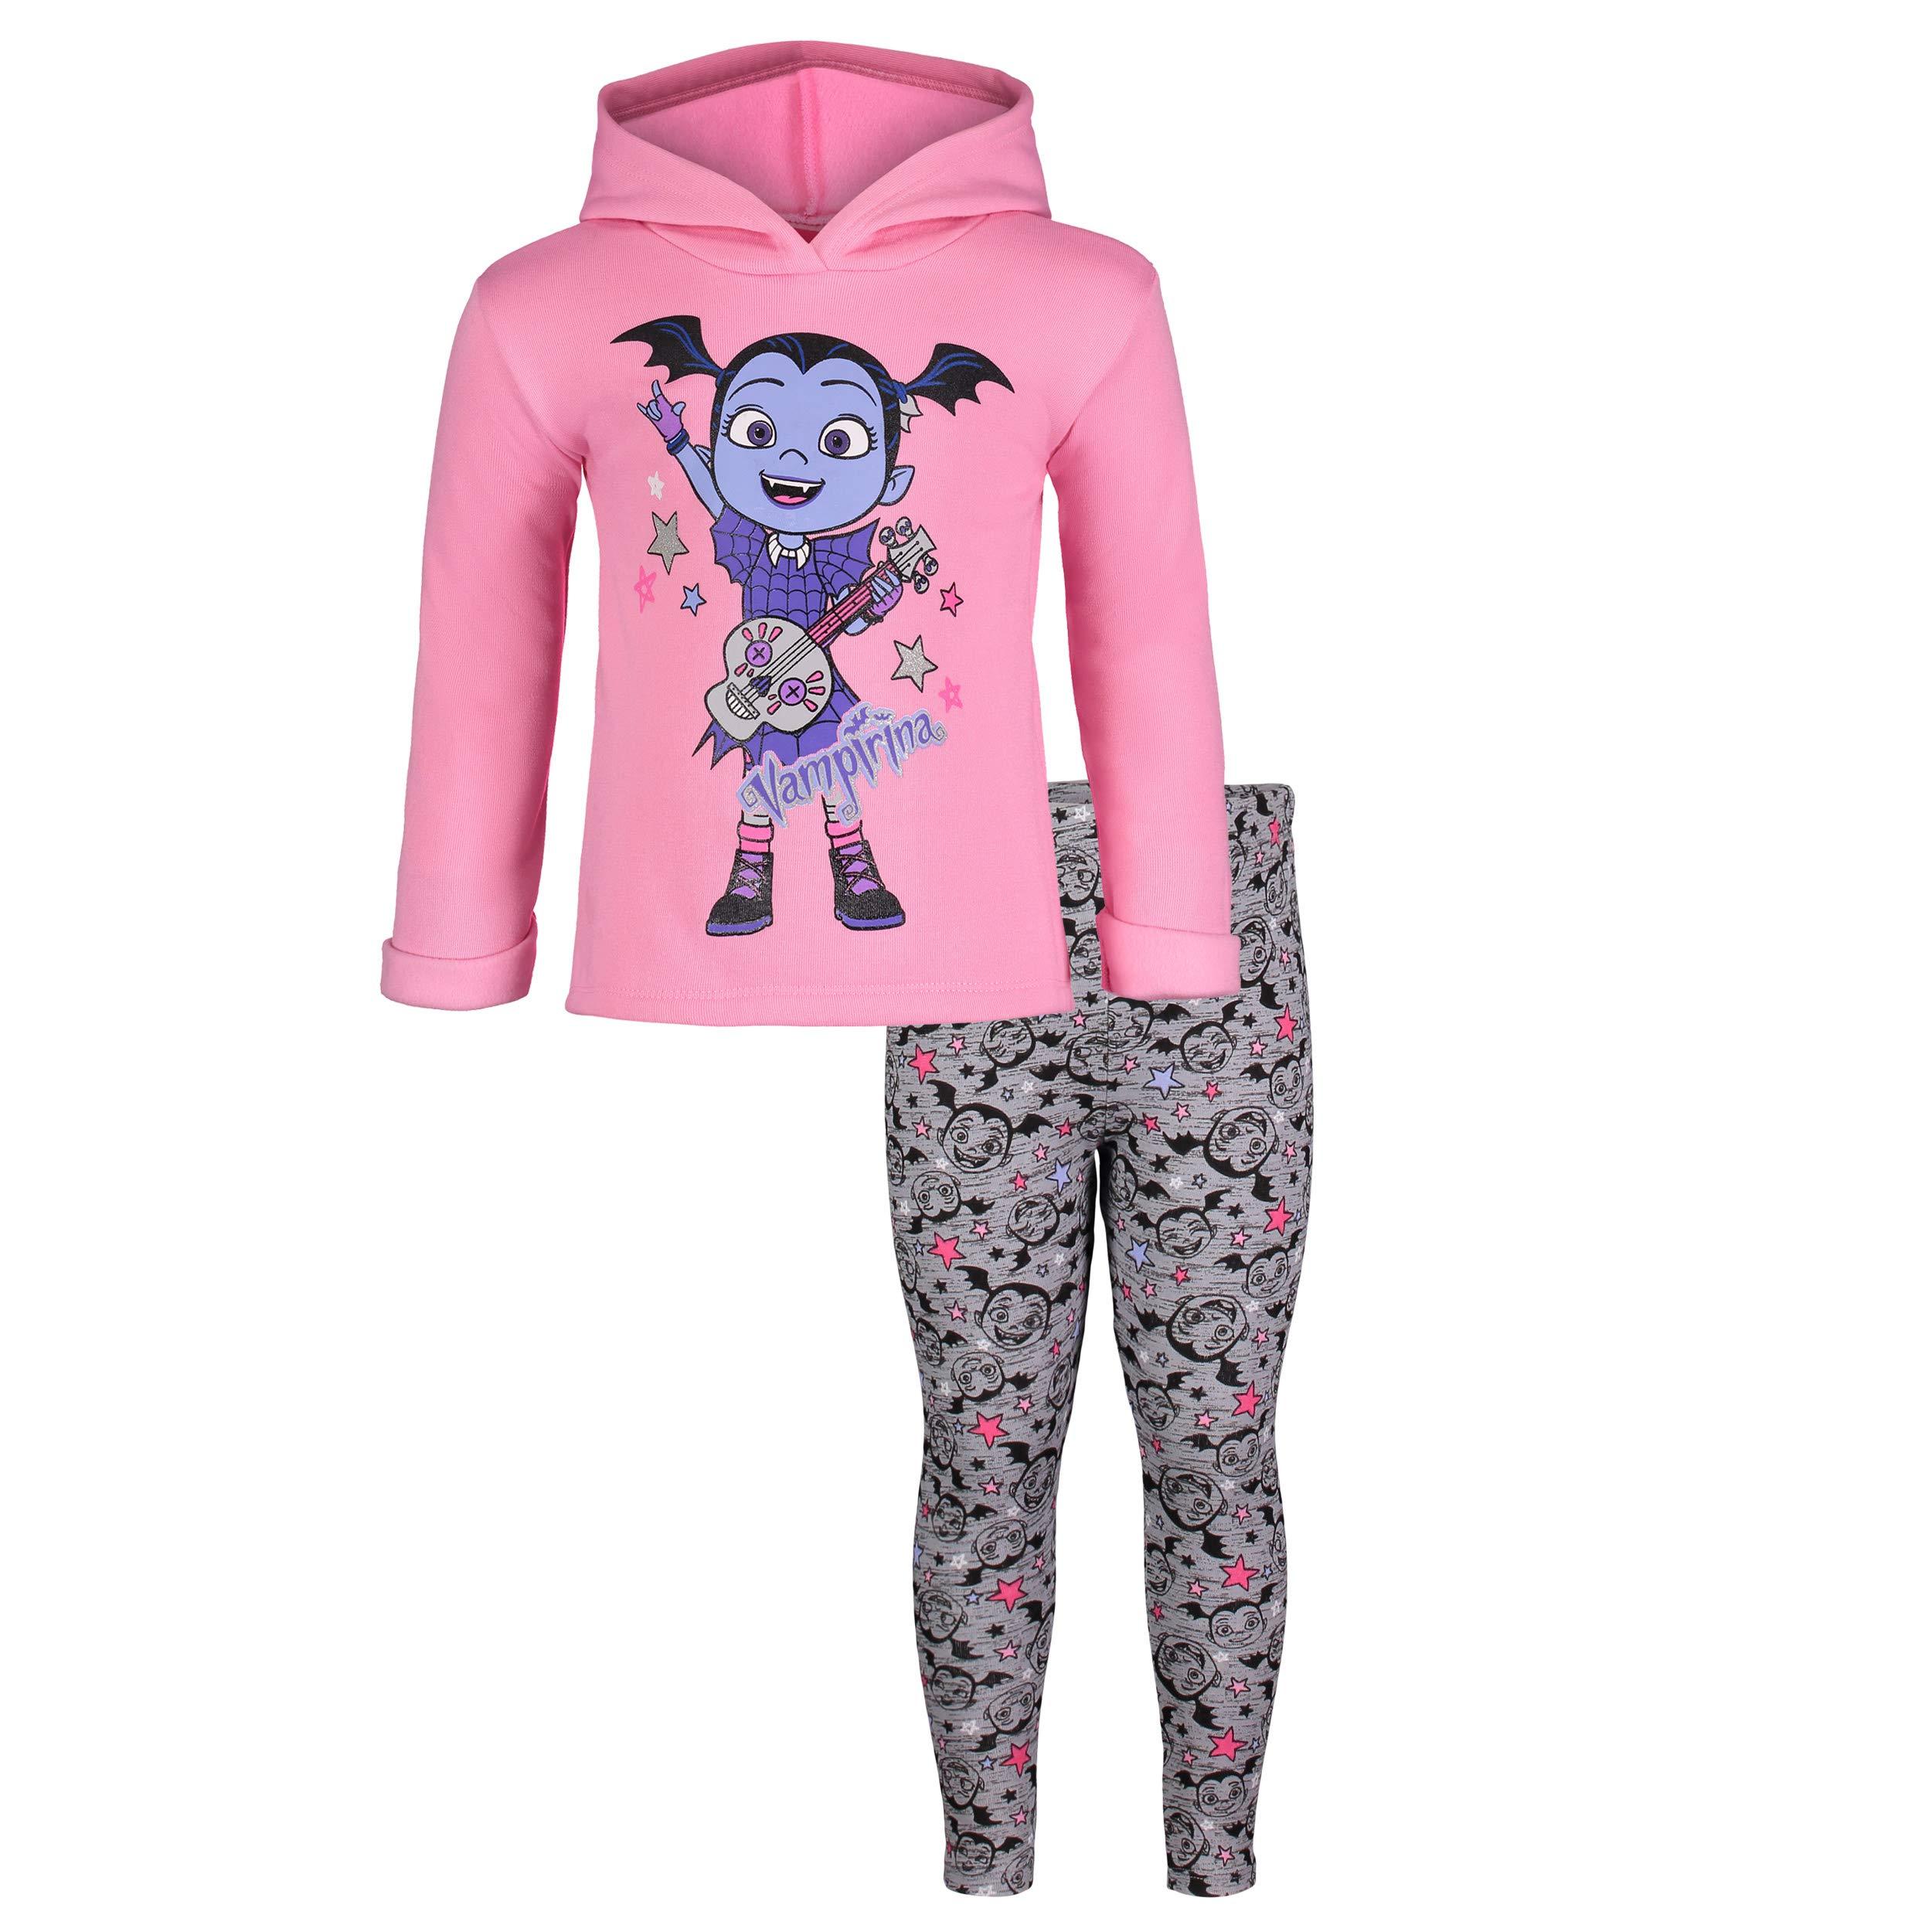 Disney Vampirina Toddler Girls' Fleece Hoodie & Leggings Clothing Set (3T)